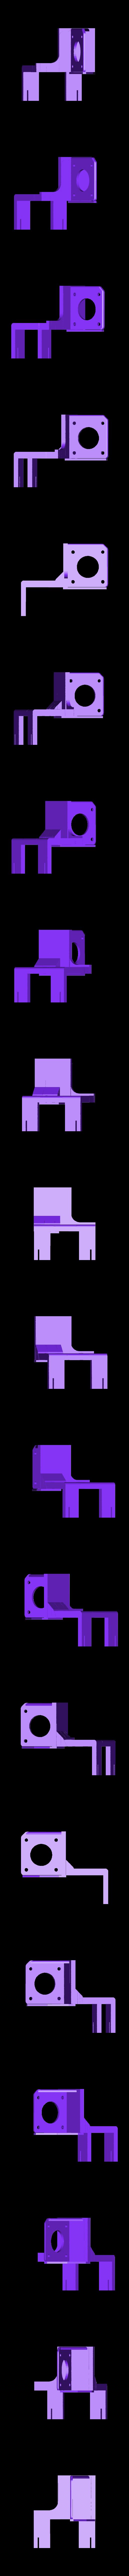 Modificado_MGN12H_Adapter_v1.5.stl Télécharger fichier STL gratuit Ender 3 Extrusion directe avec BMG et guide linéaire • Objet imprimable en 3D, nitoguz